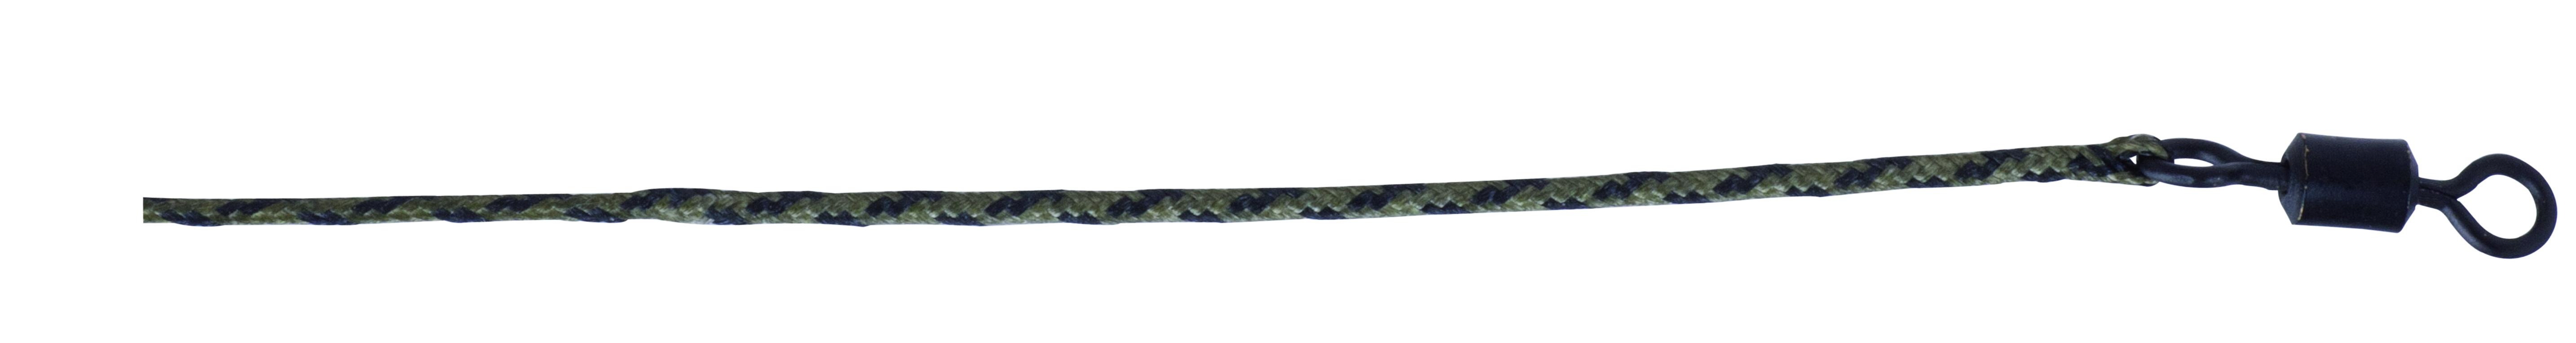 Anaconda olověnka (hotový návazec) 35 lb, 80 cm, 2 ks/bal